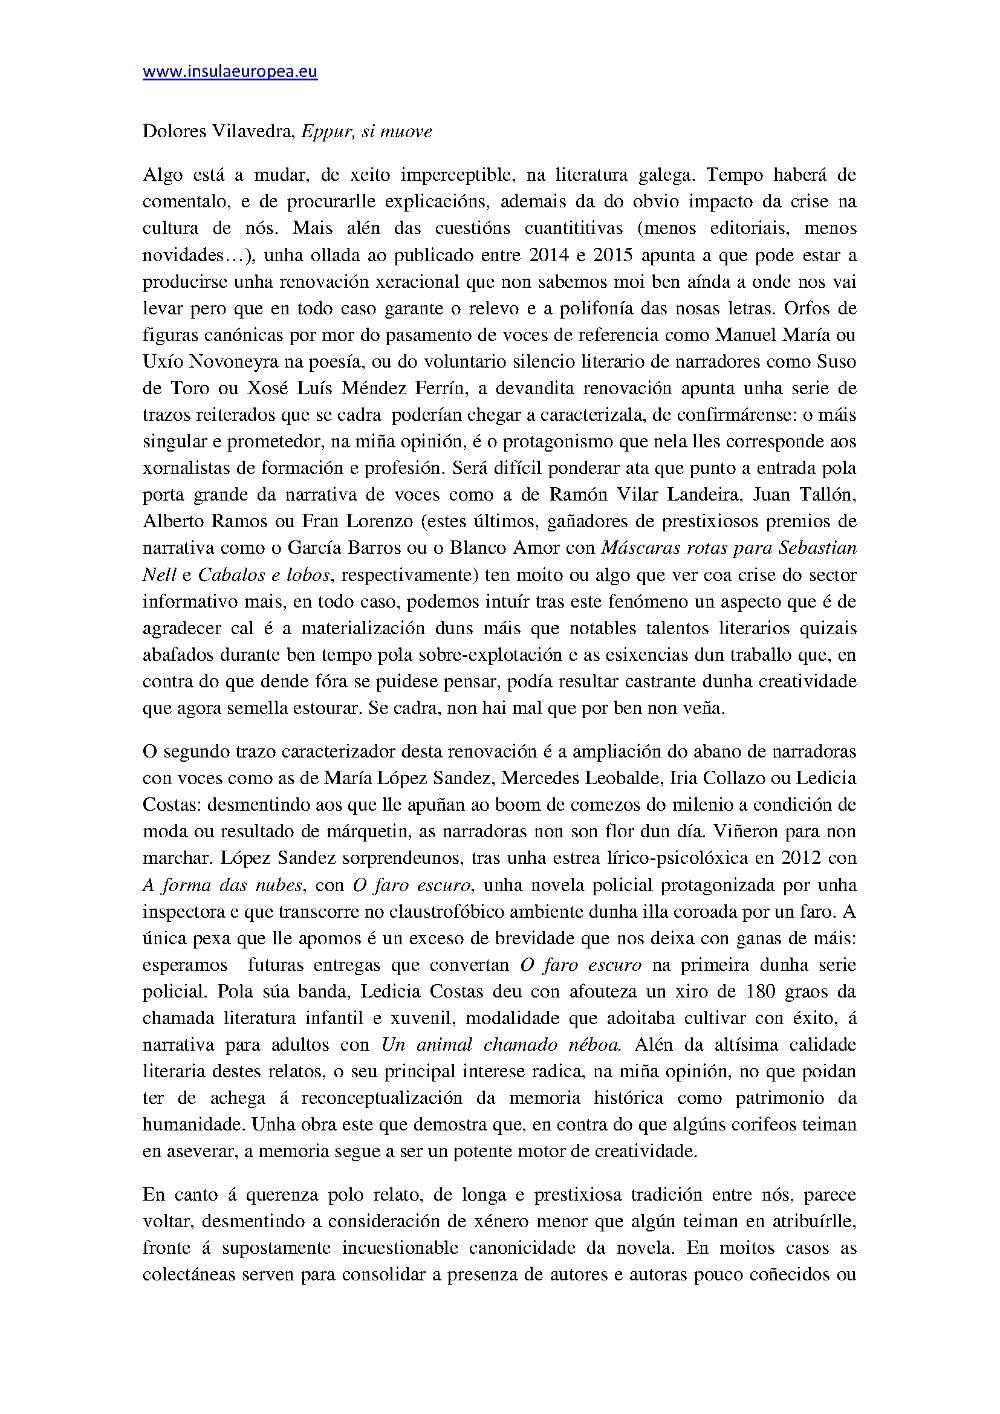 2015 09 Dolores Vilavedra 1